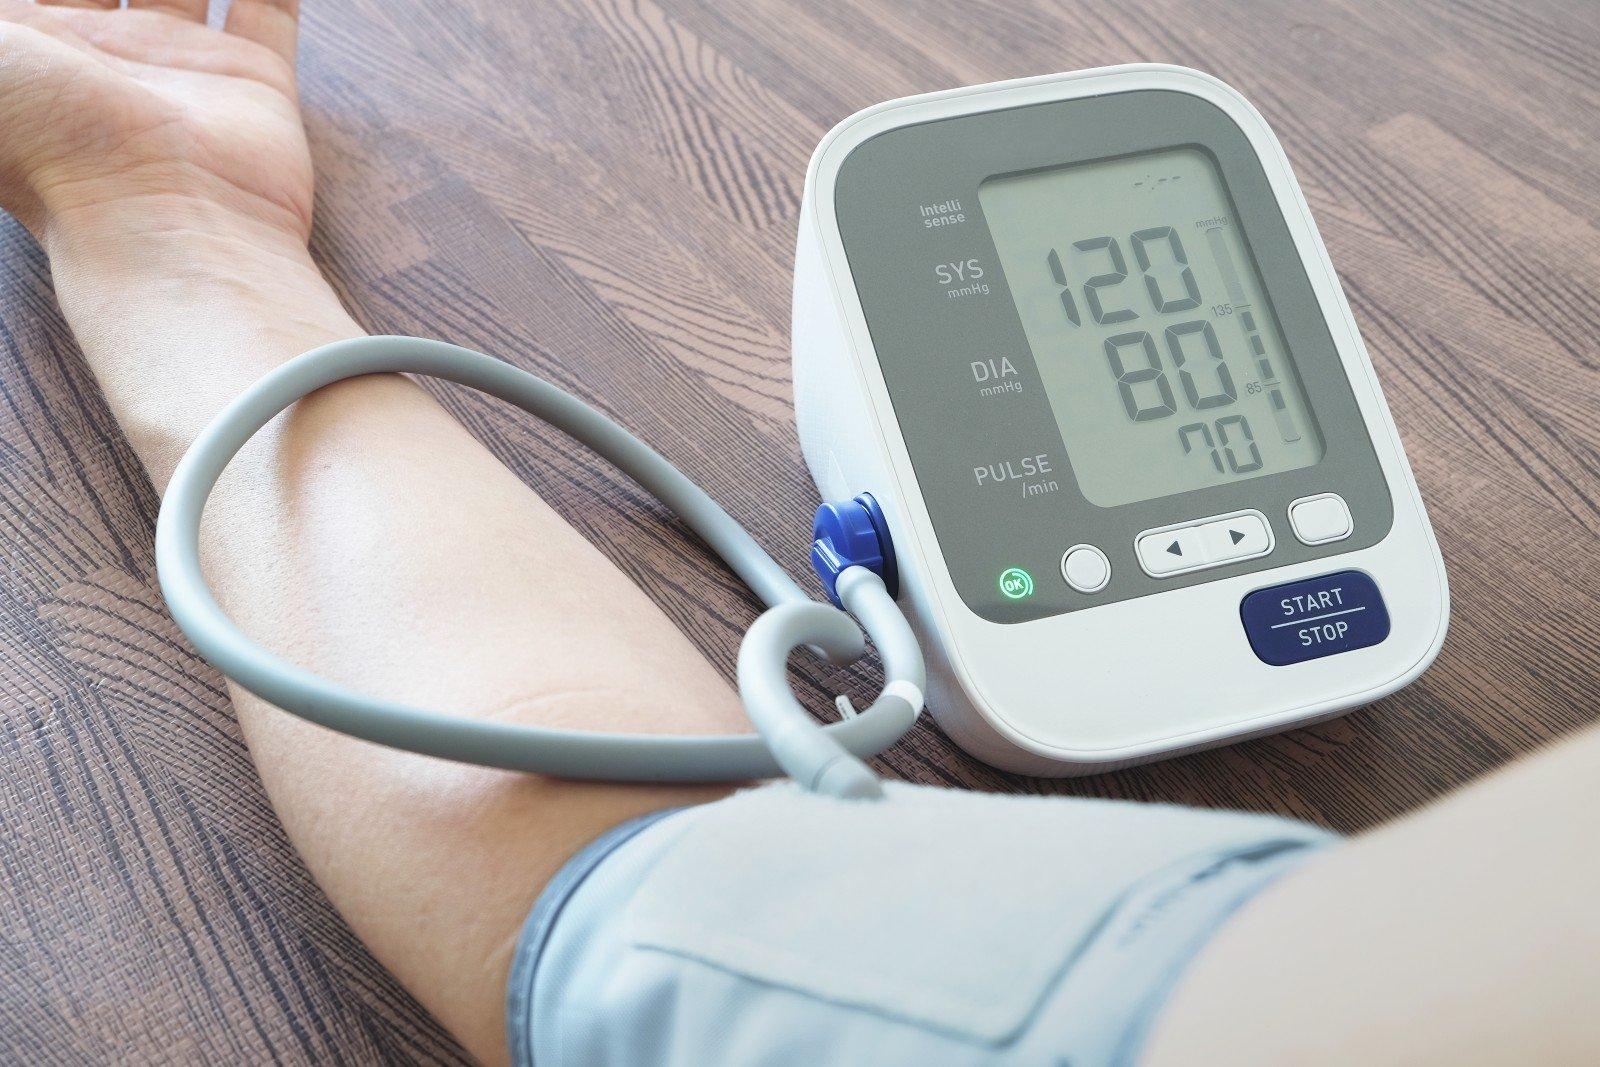 Gydytoja dietologė: gerti daug mineralinio vandens taip pat nėra sveika - LRT